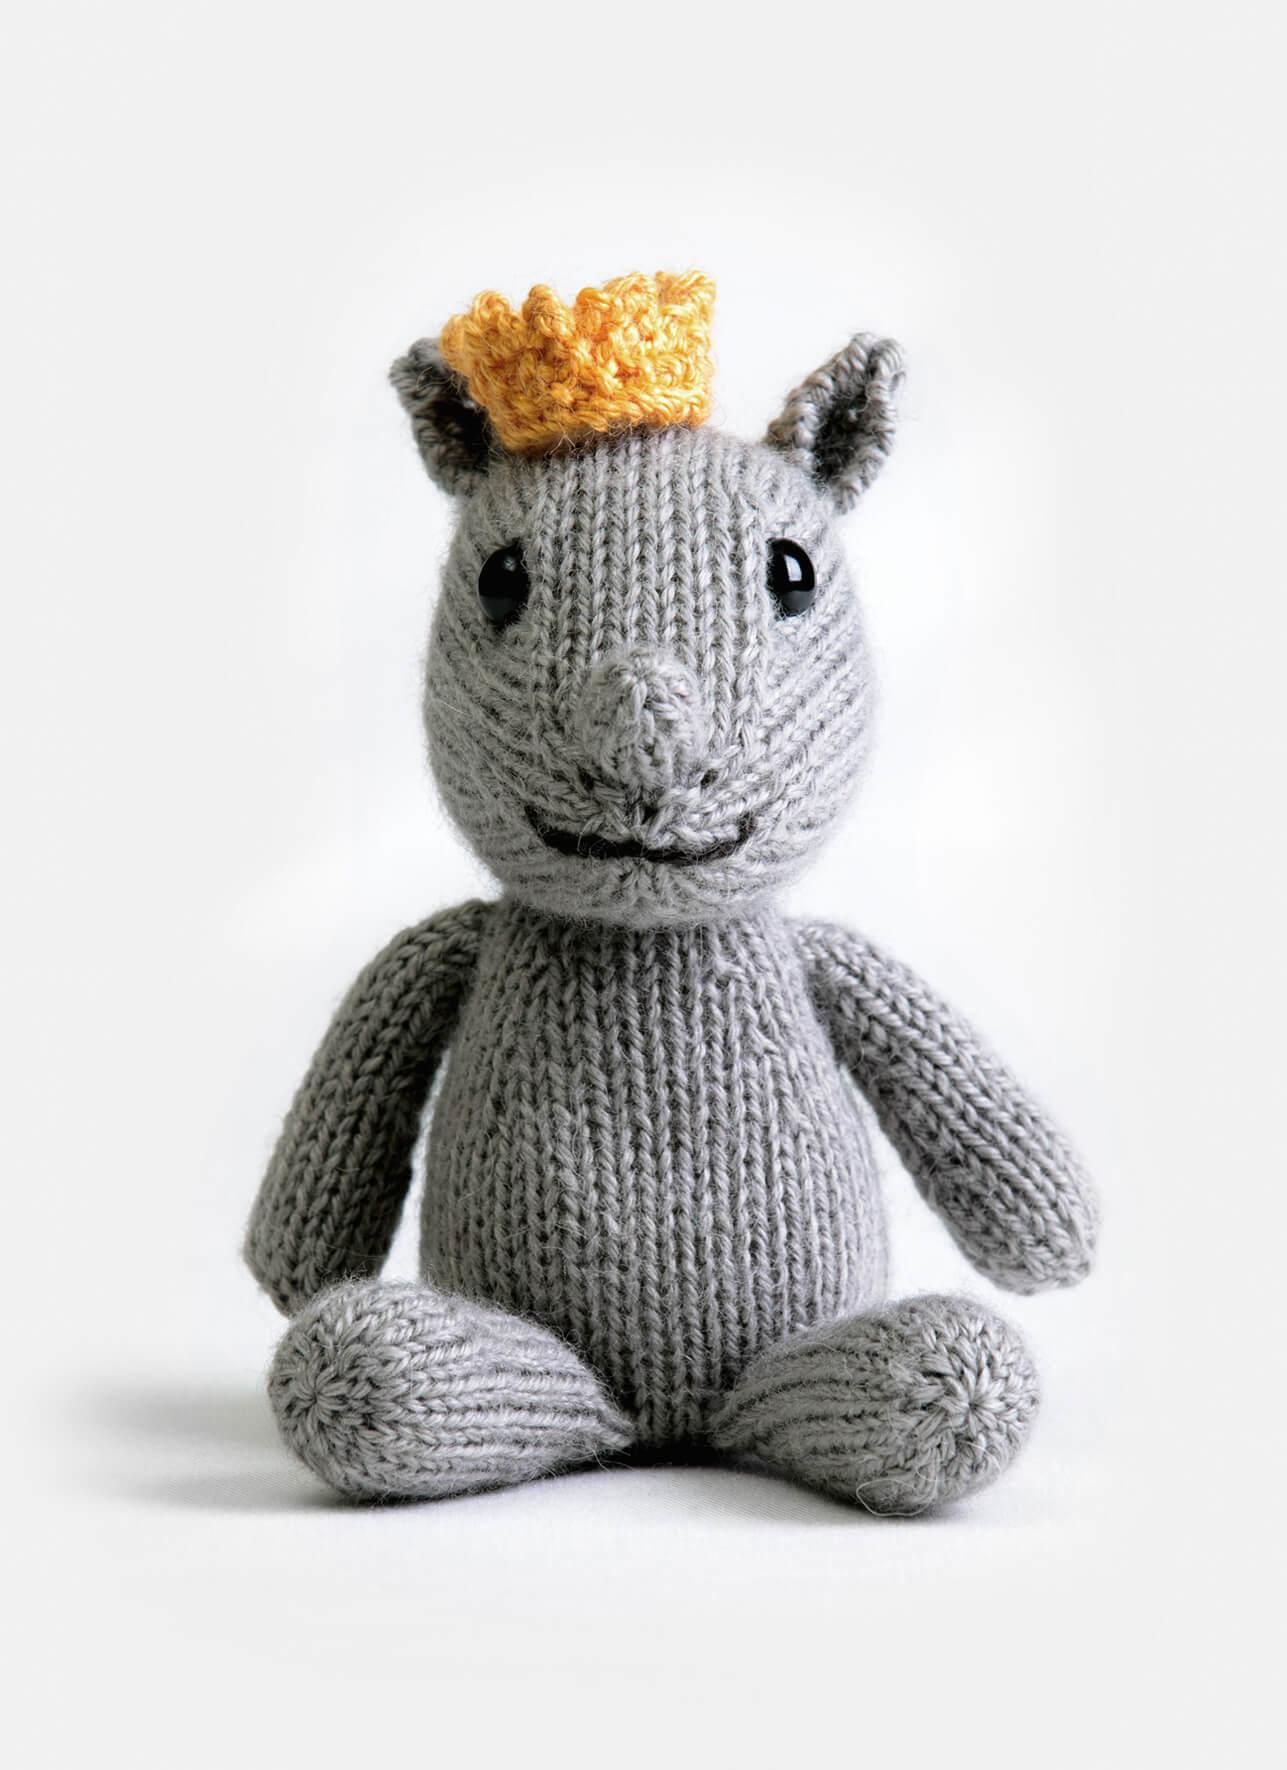 P_Knit Kit_1260_Rhino_01